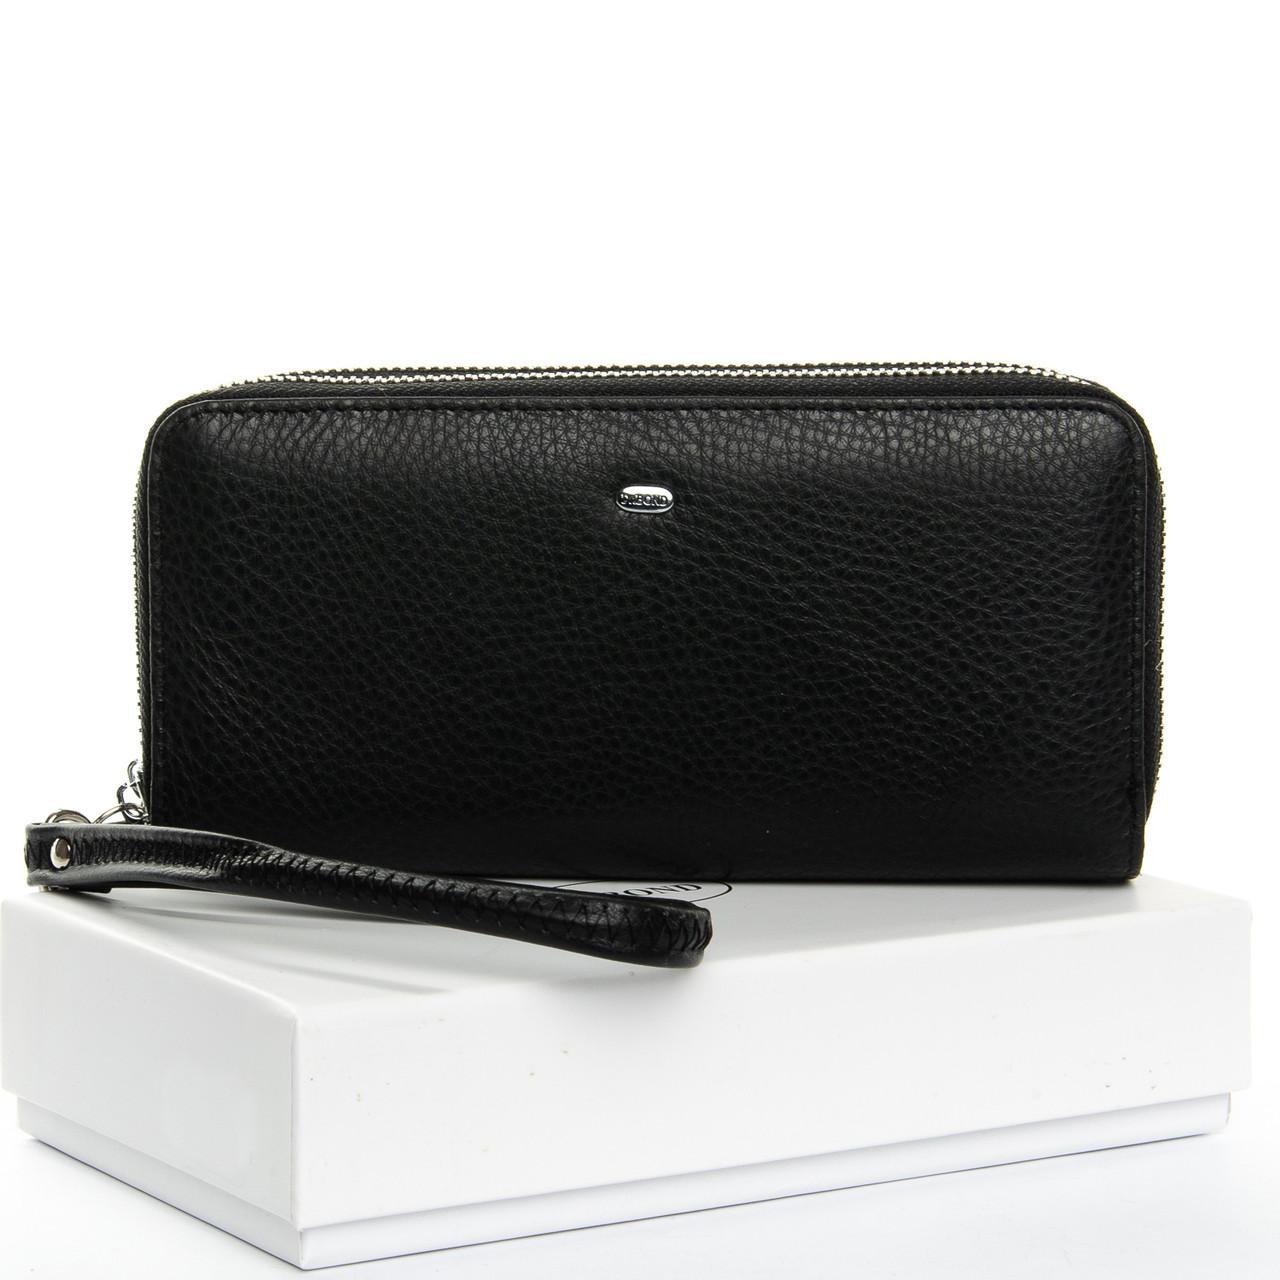 Женский кошелек на две молнии кожаный черный Dr.Bond W39-3 black